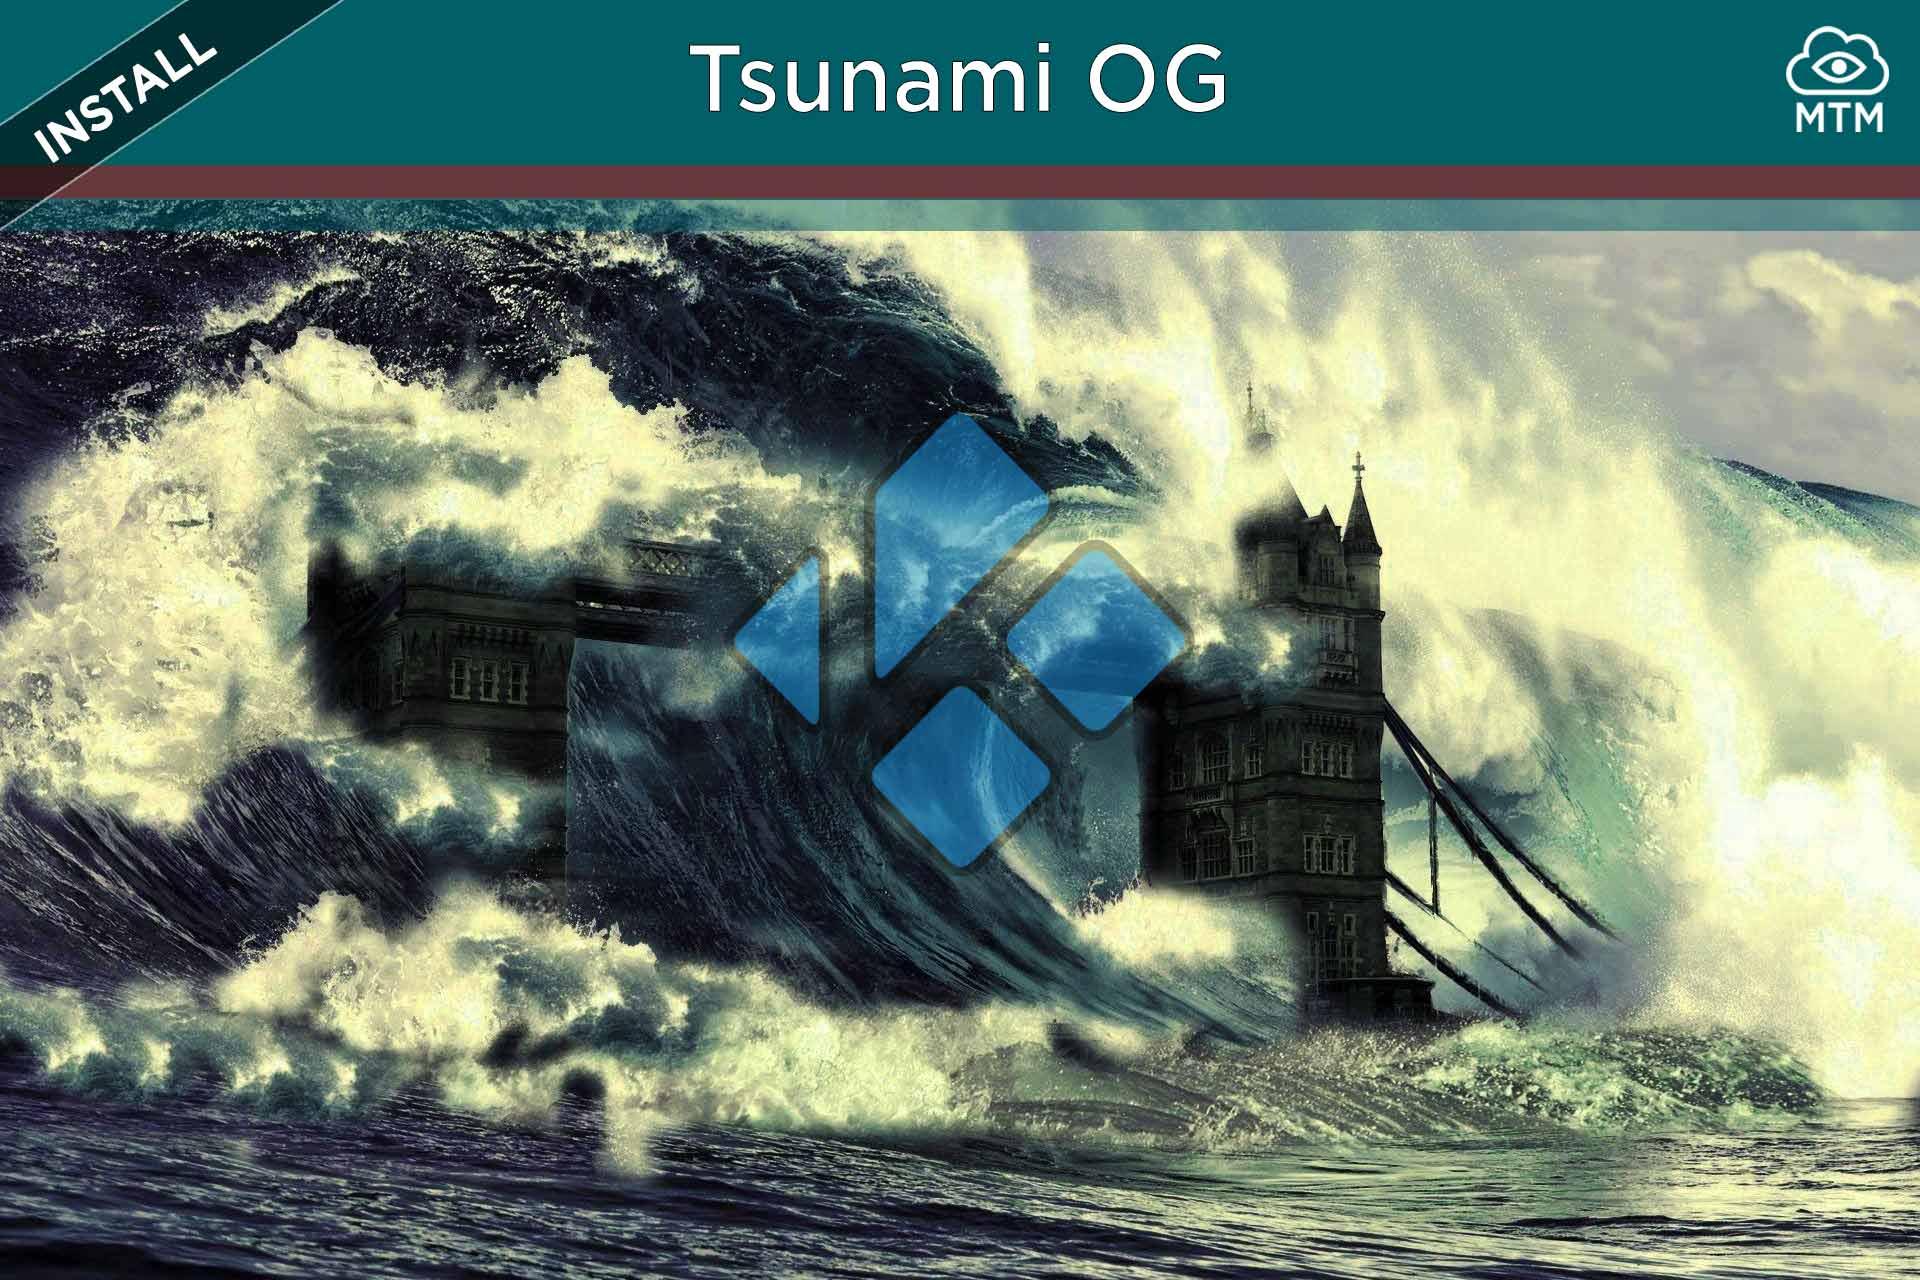 Nola instalatu Tsunami OG